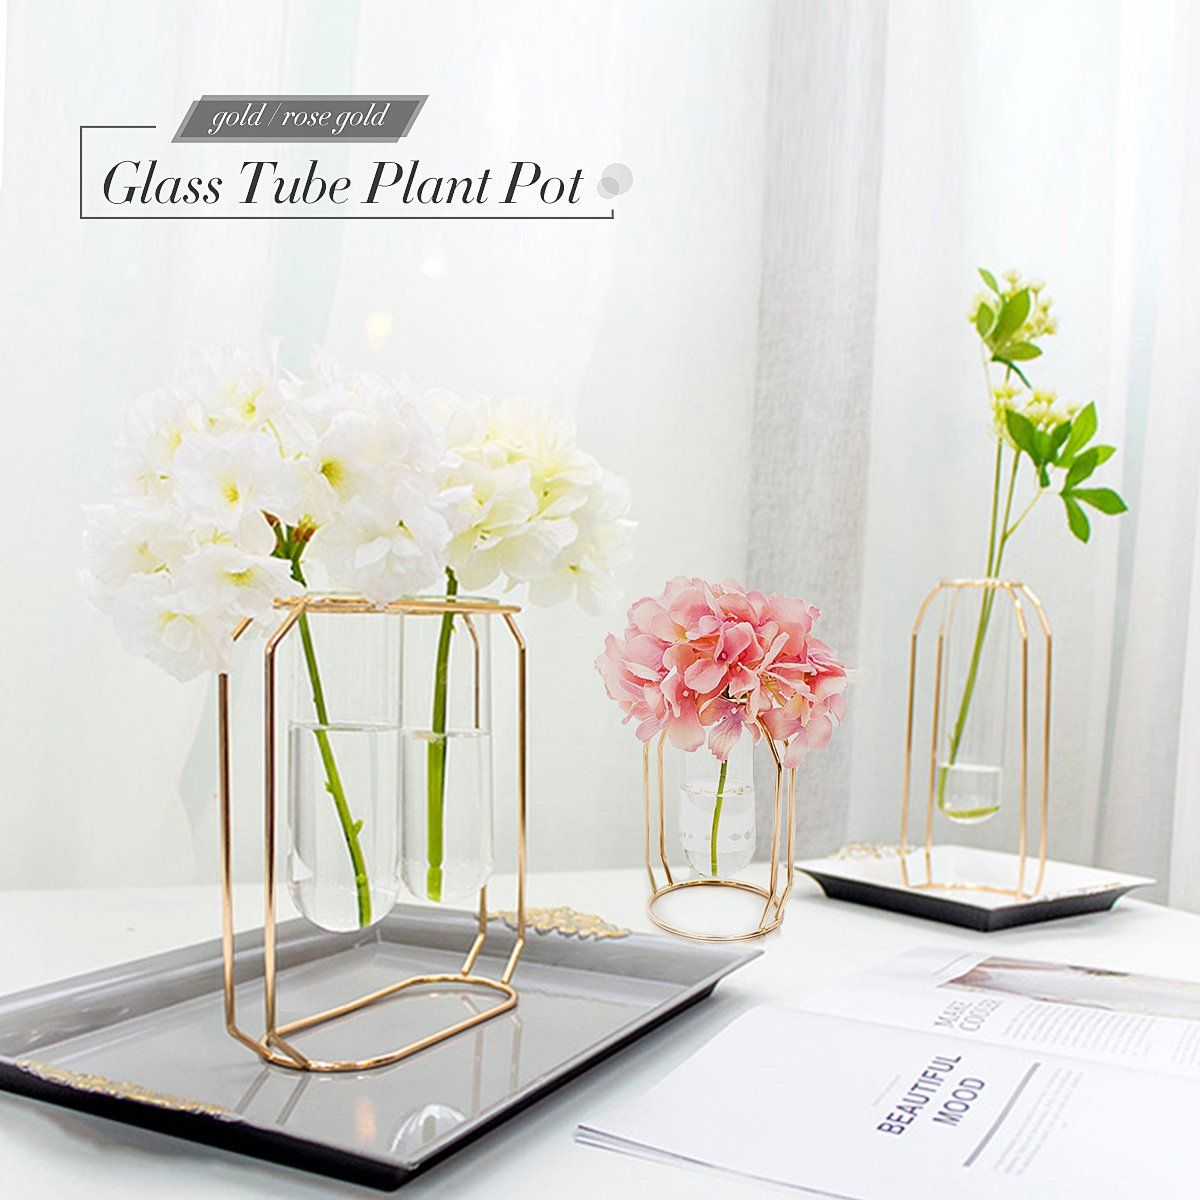 Hanging glass ball tube vase flower plant pot terrarium